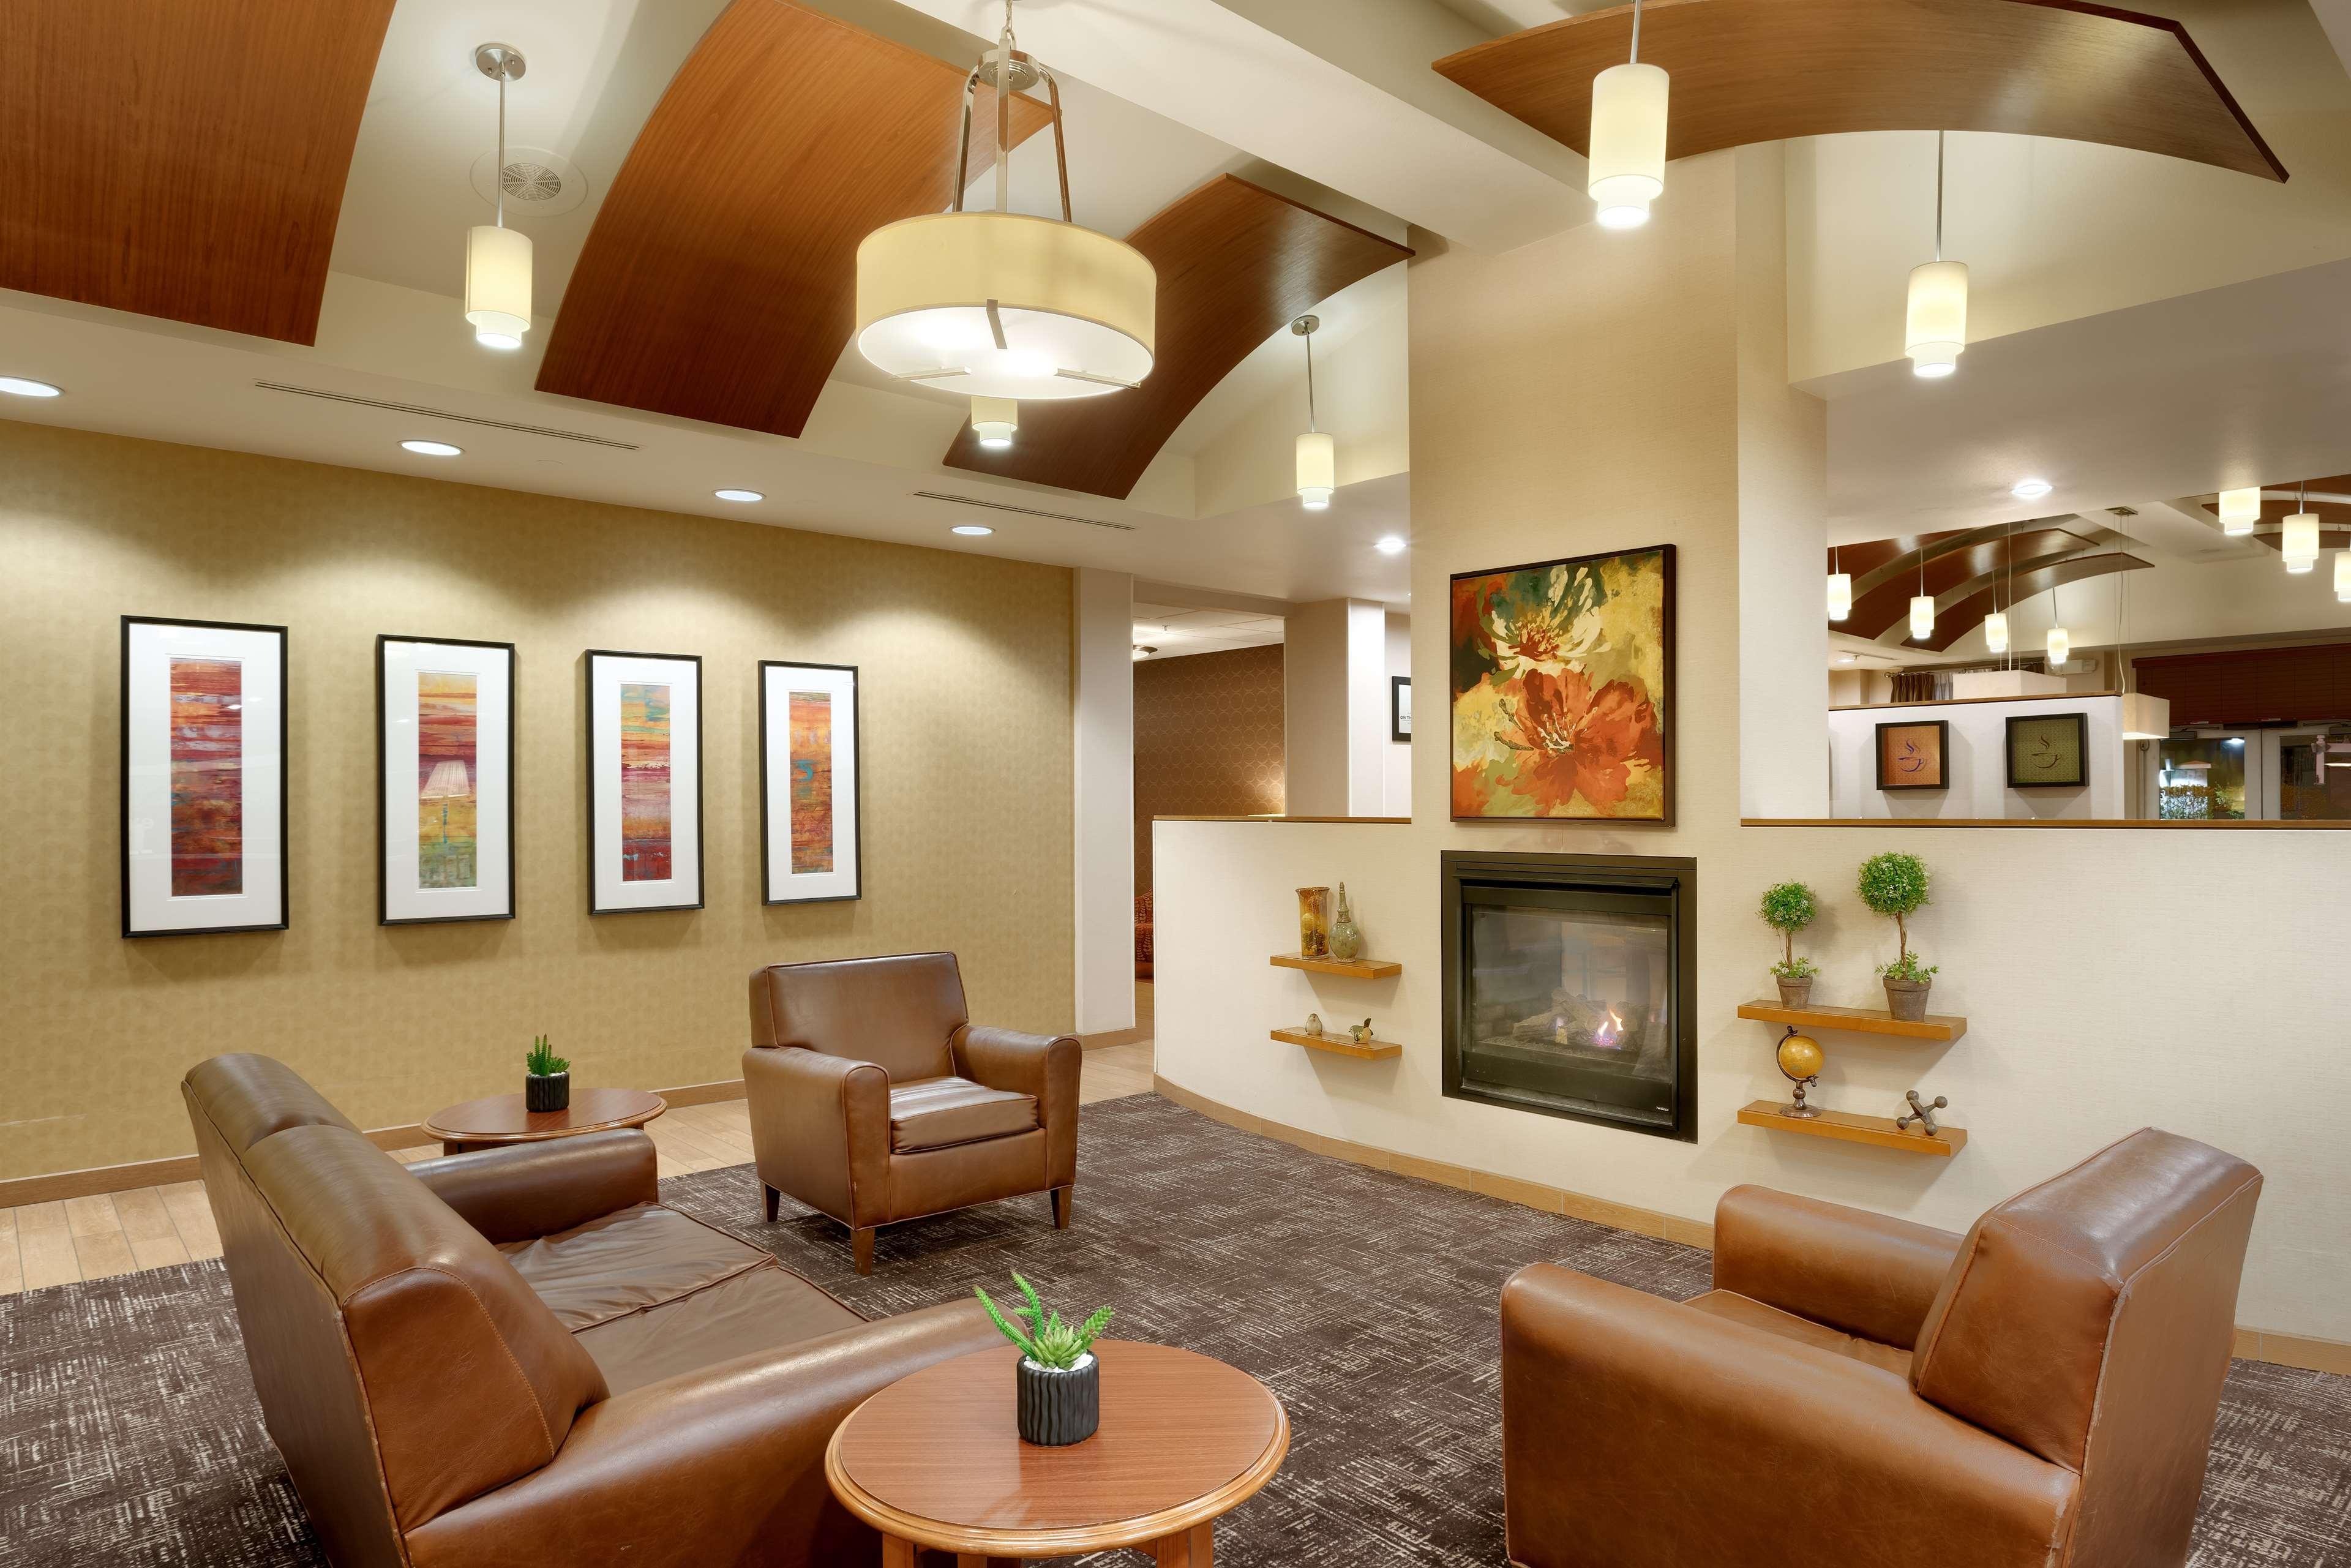 Hampton Inn & Suites Orem image 3